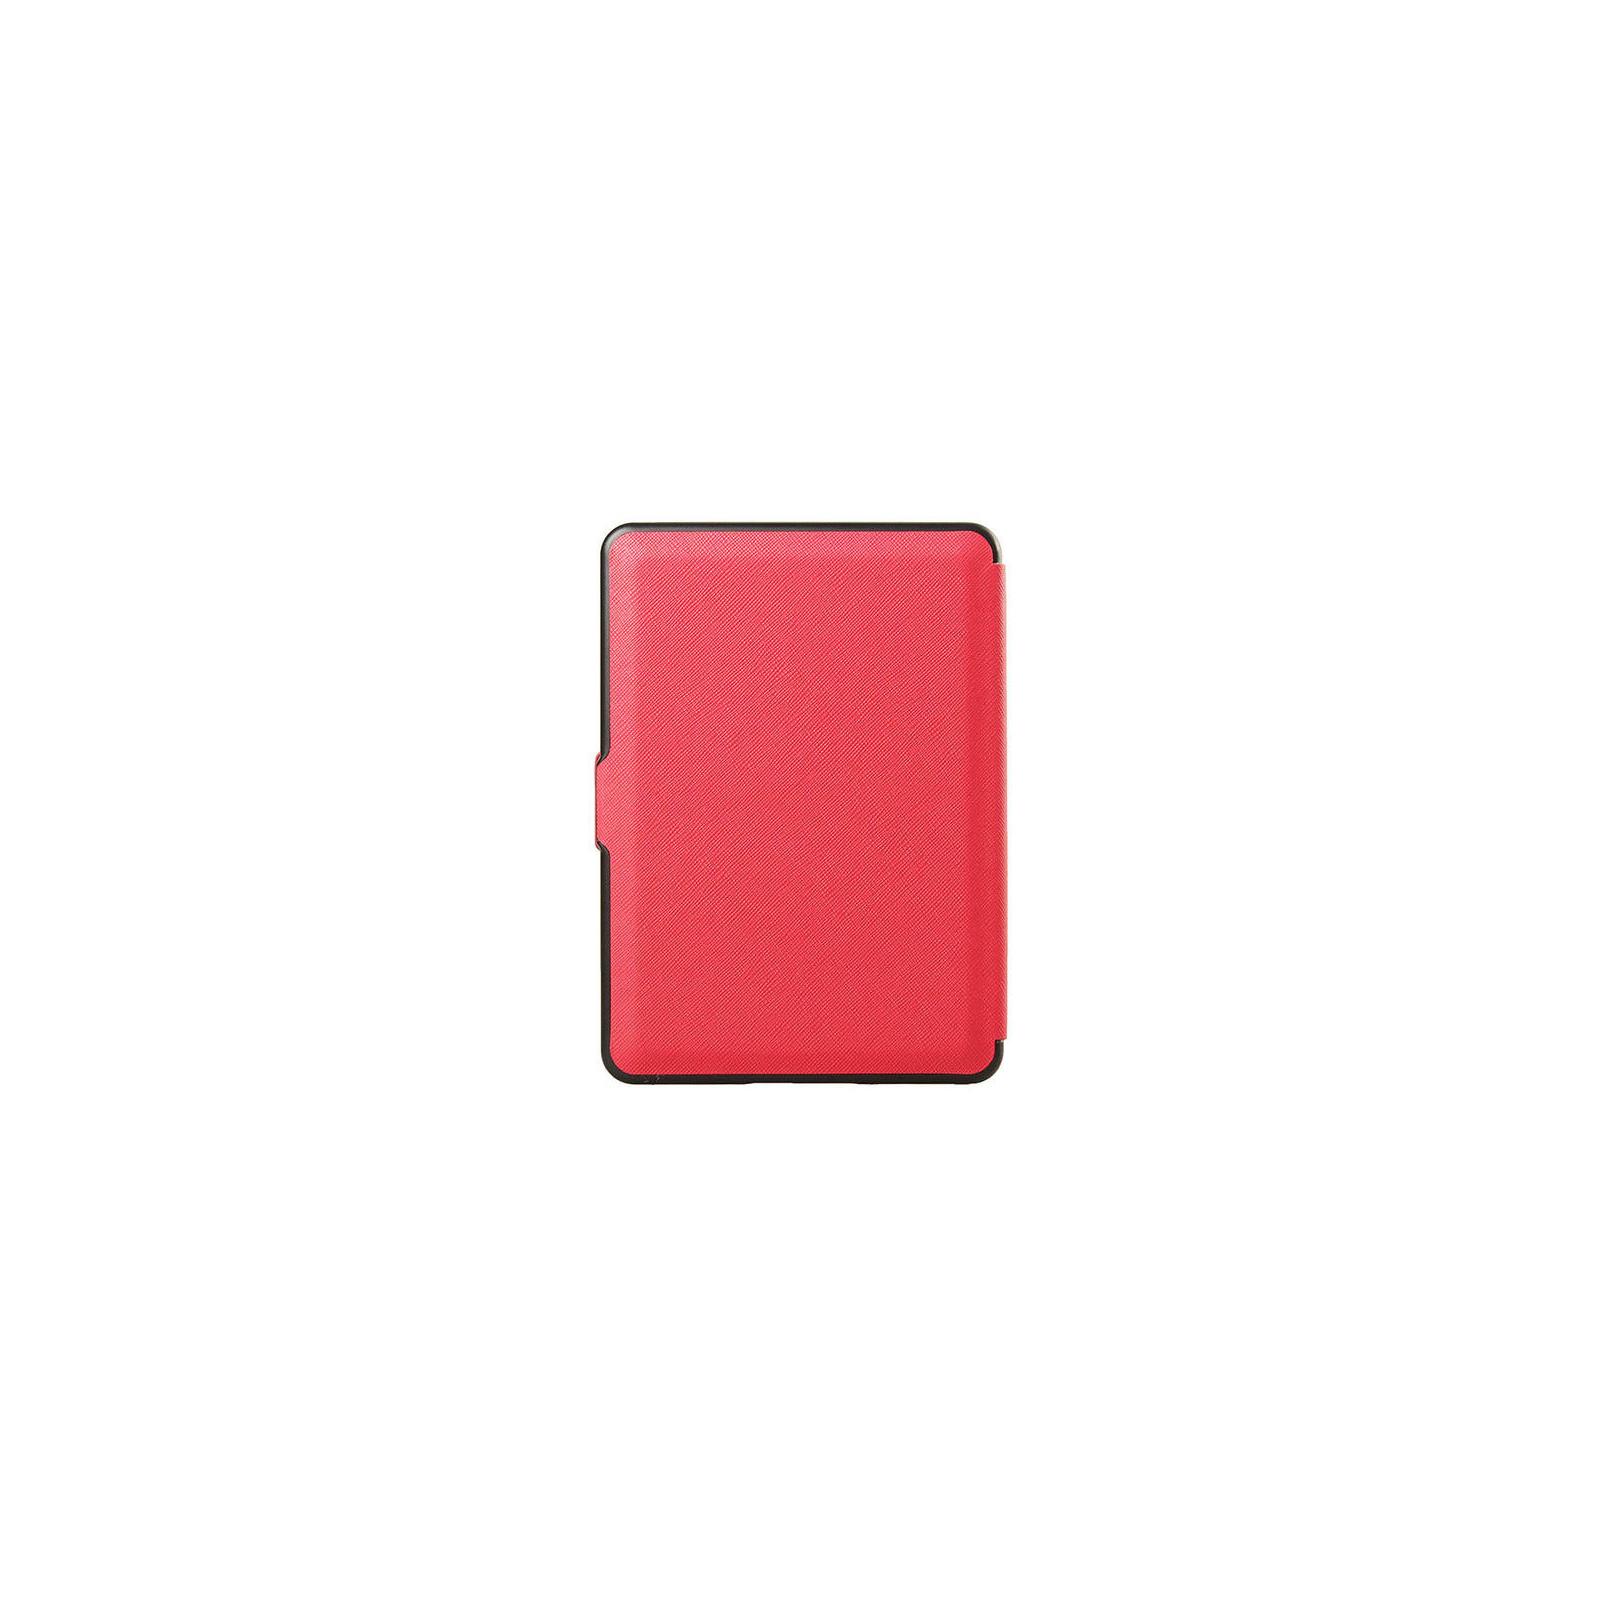 Чехол для электронной книги AirOn для Amazon Kindle 6 red (4822356754499) изображение 2